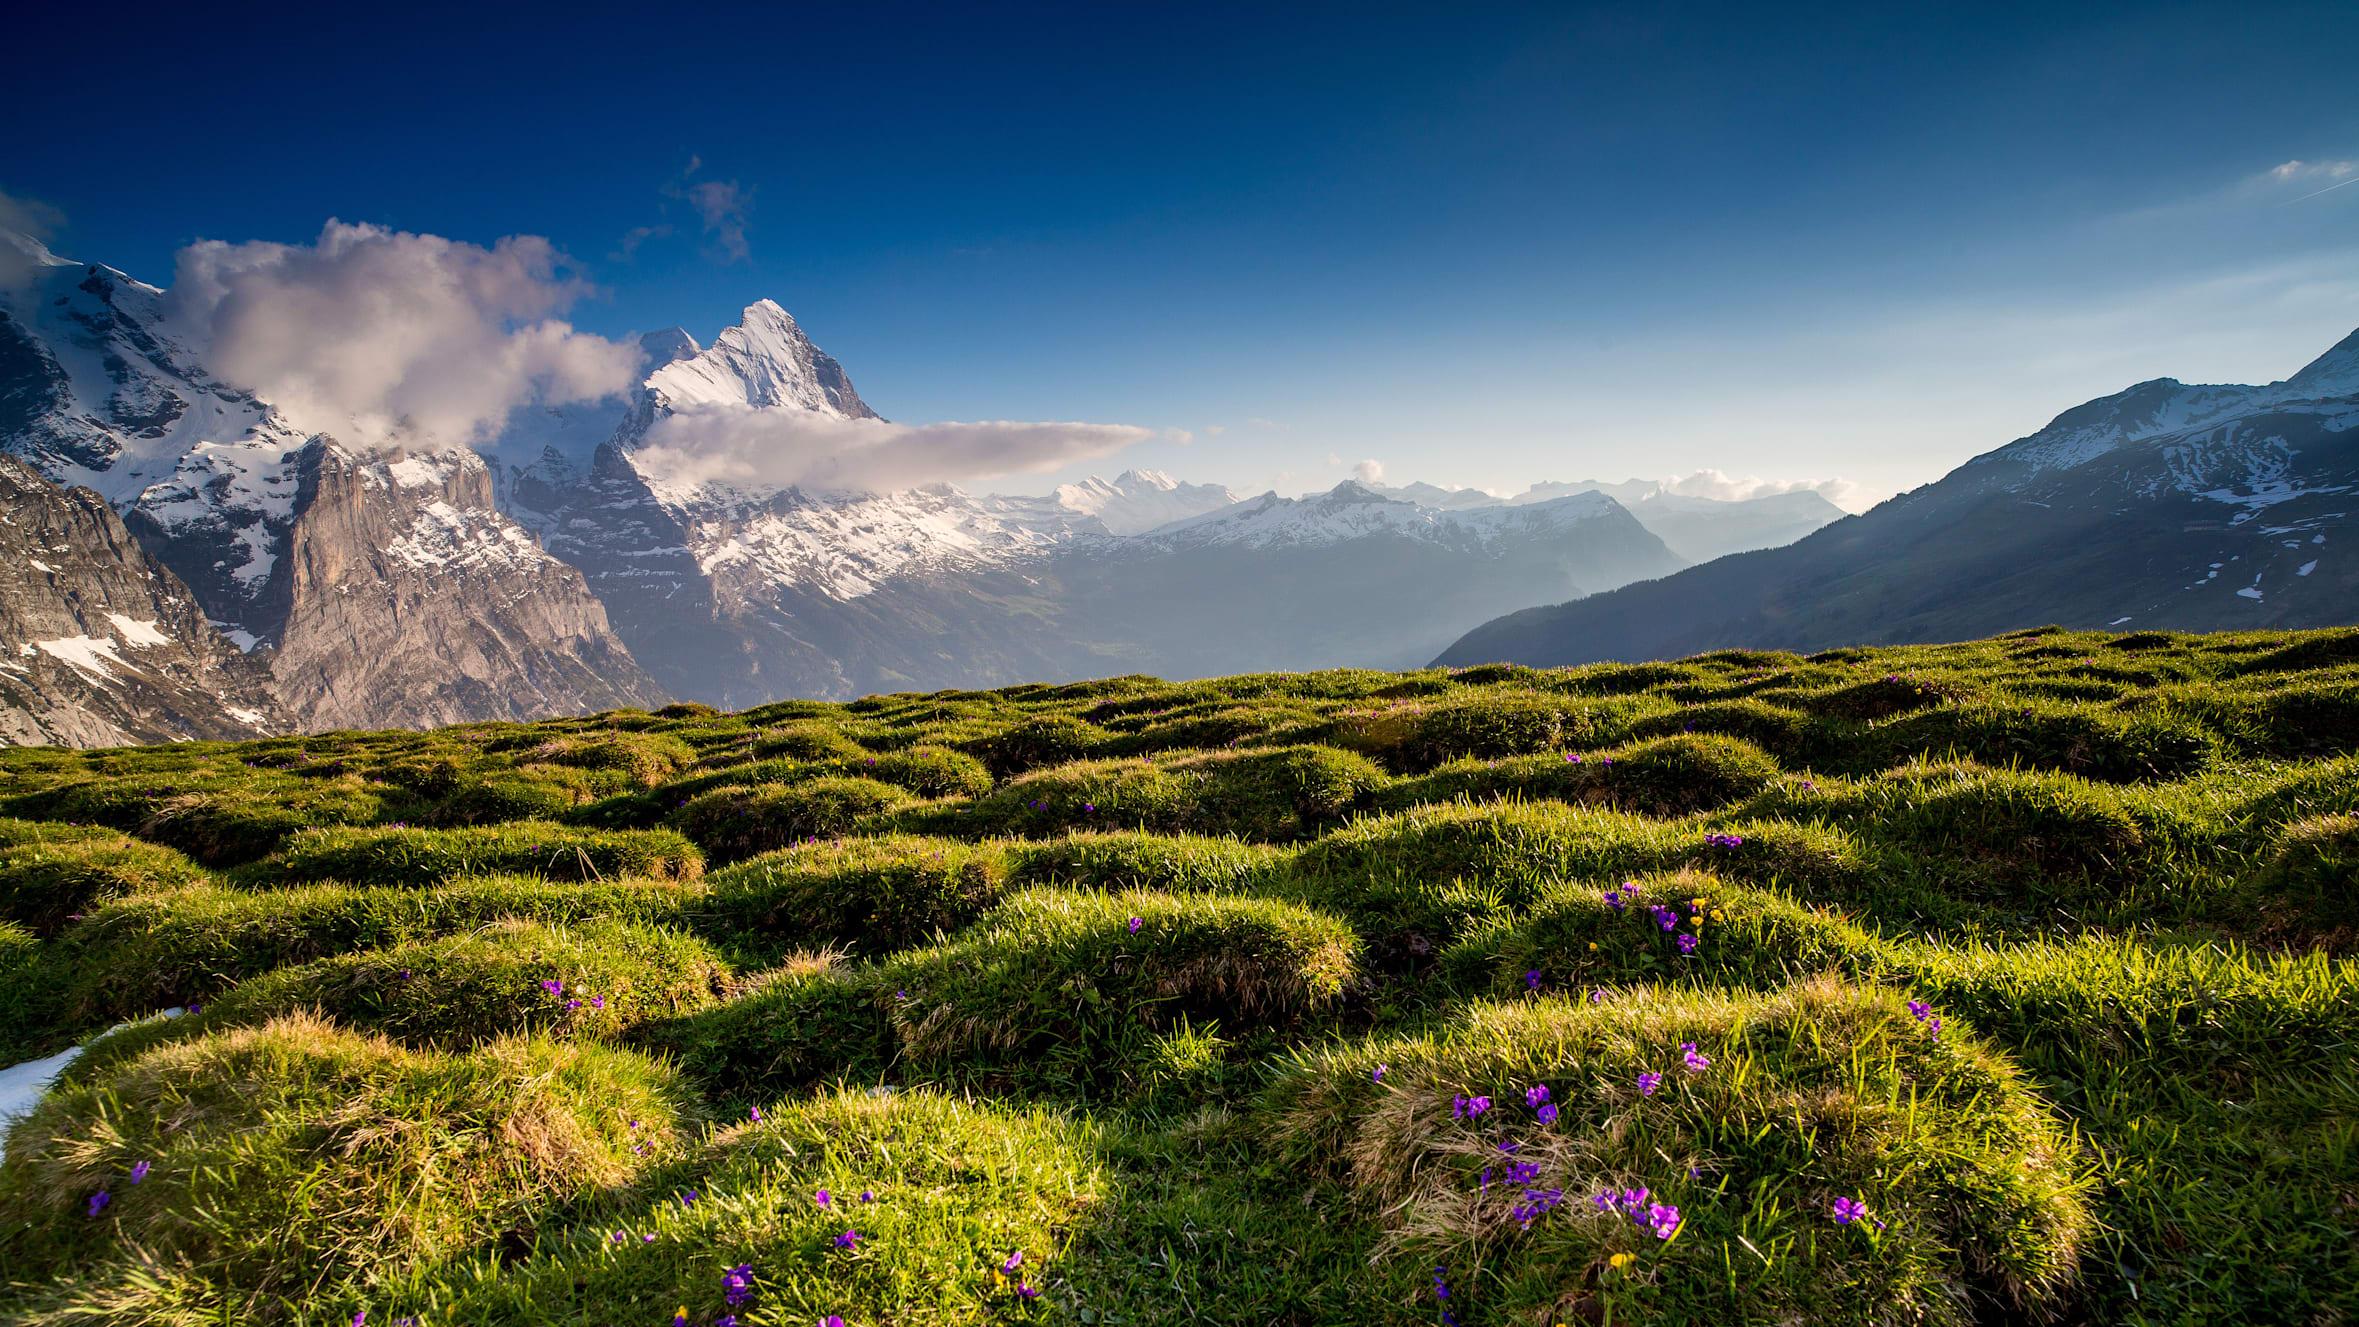 Berge, Eiger, Frühling, Grindelwald, Grindelwald-First-Sommer, Sommer, Verhältnisse, jungfrau.ch